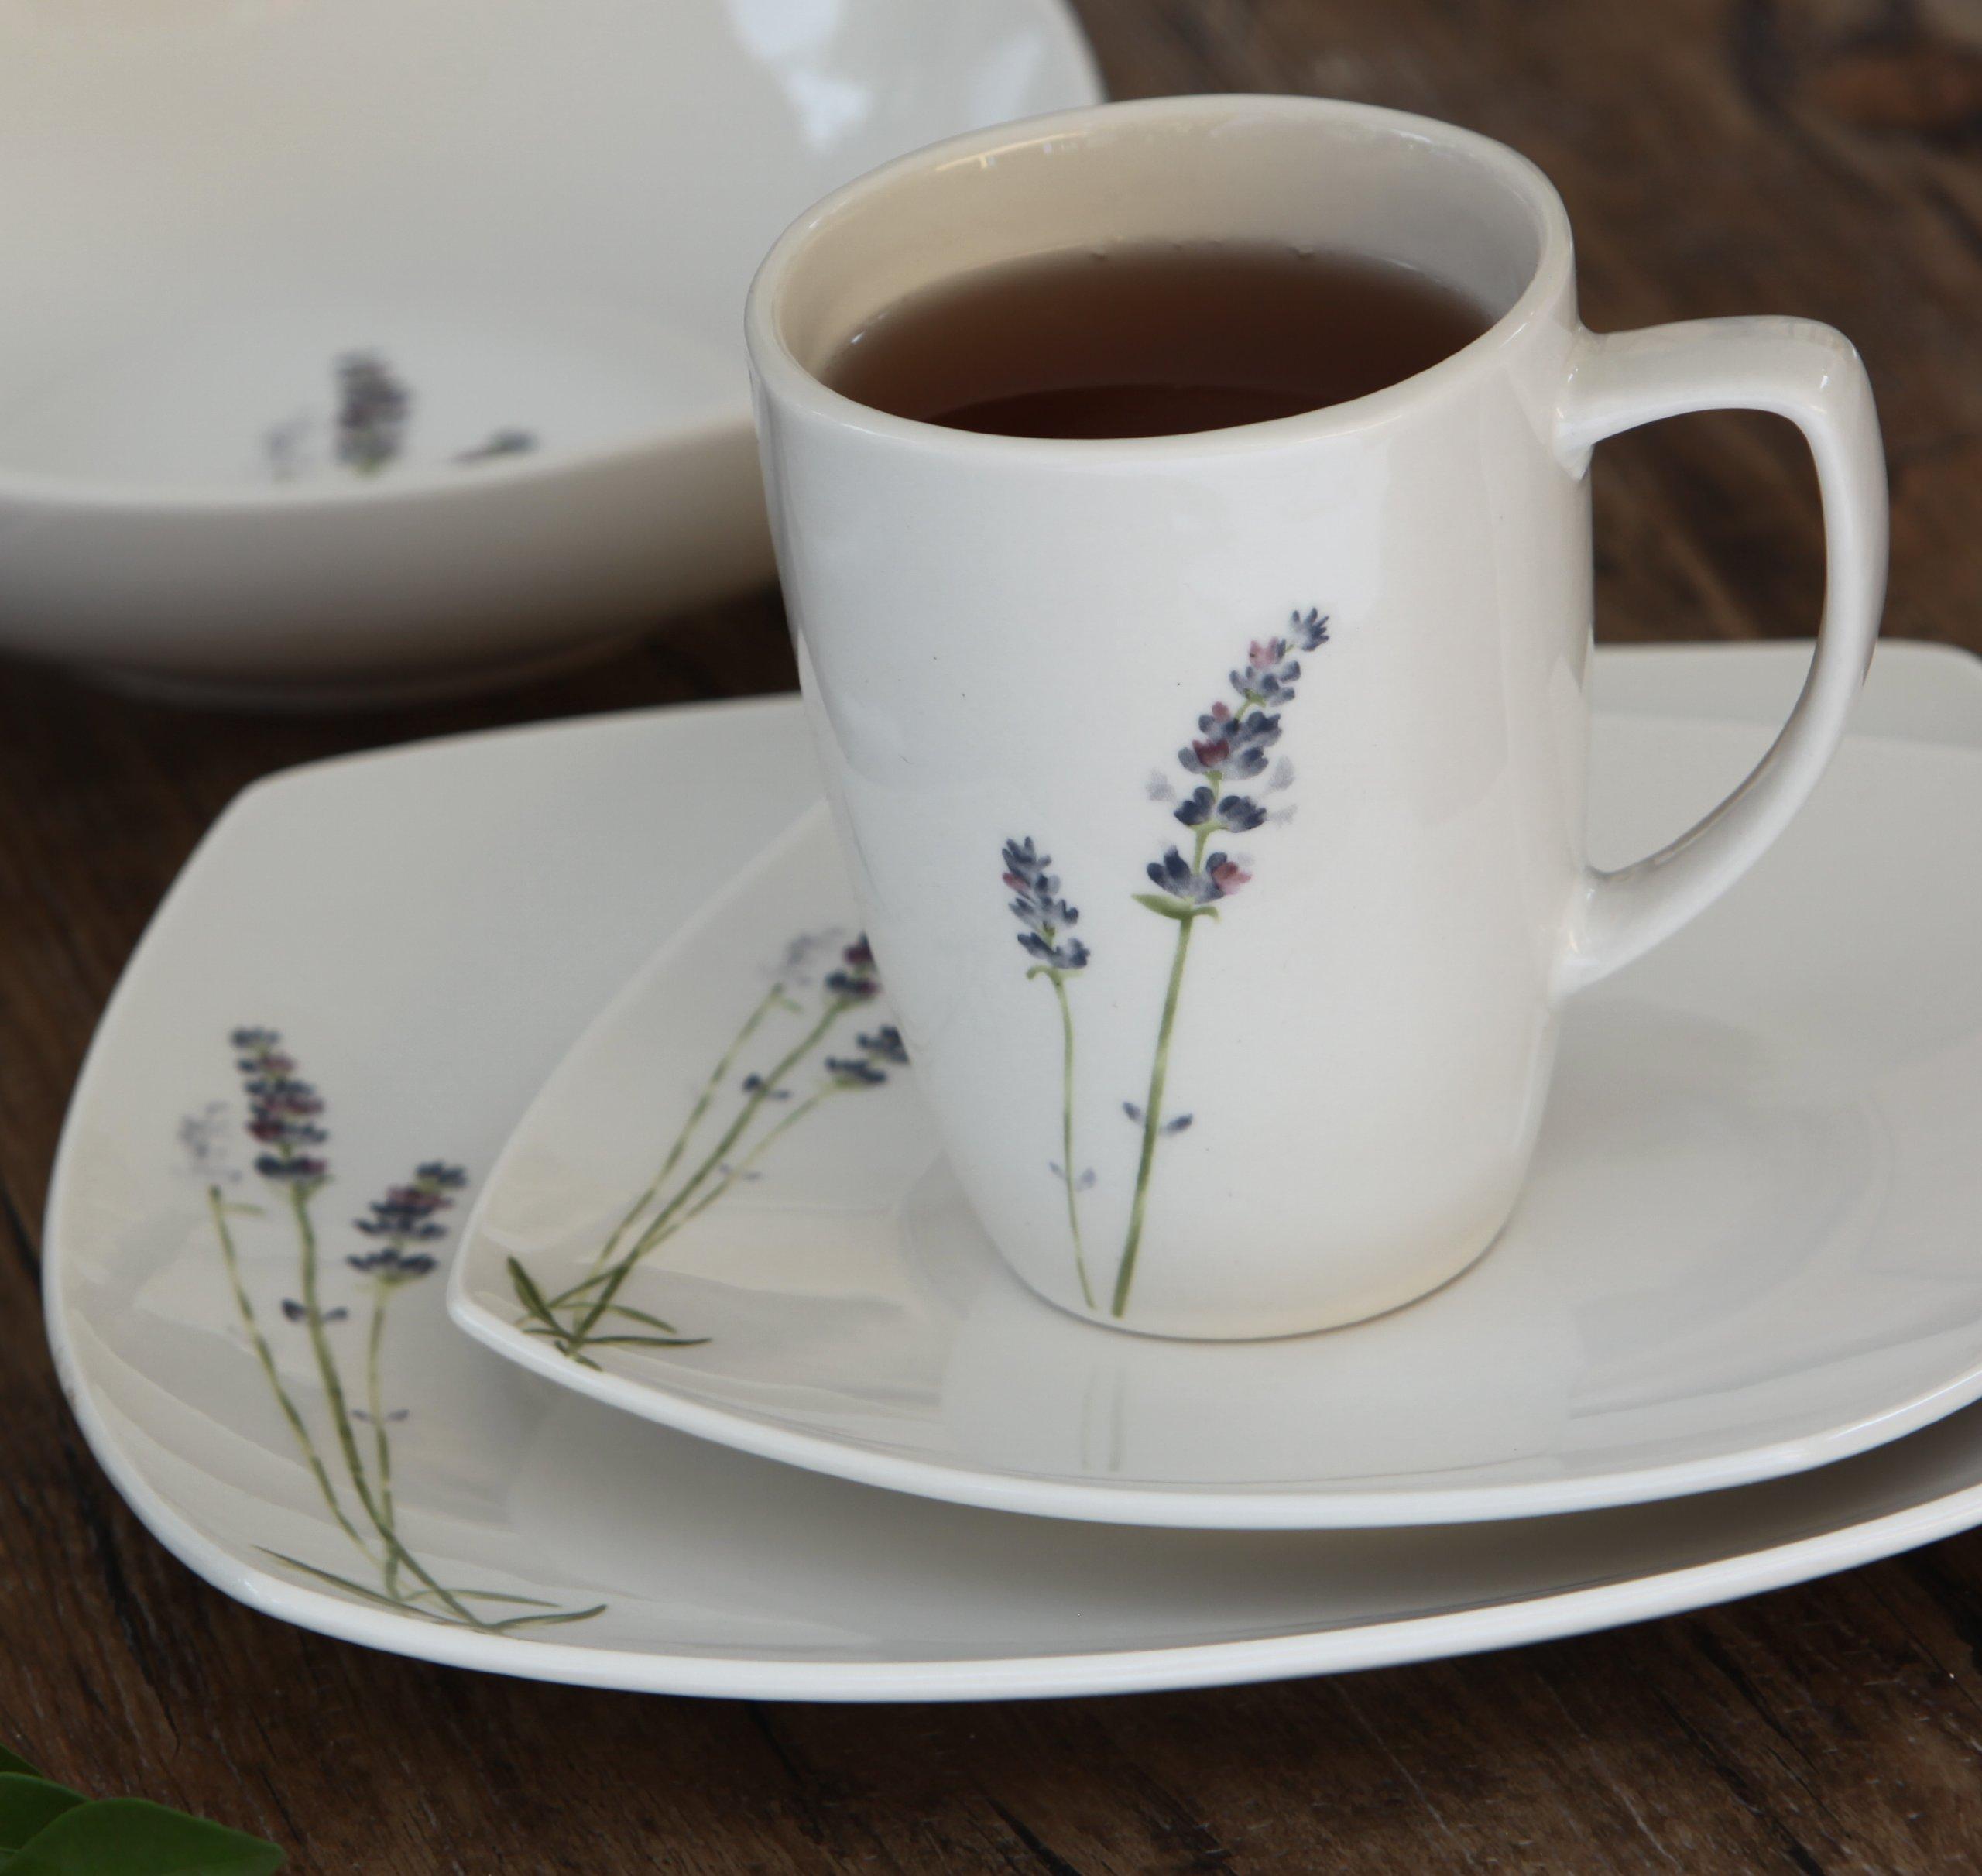 Melange Square 32-Piece Porcelain Dinnerware Set (Lavender) | Service for 8 | Microwave, Dishwasher & Oven Safe | Dinner Plate, Salad Plate, Soup Bowl & Mug (8 Each) by Melange (Image #6)